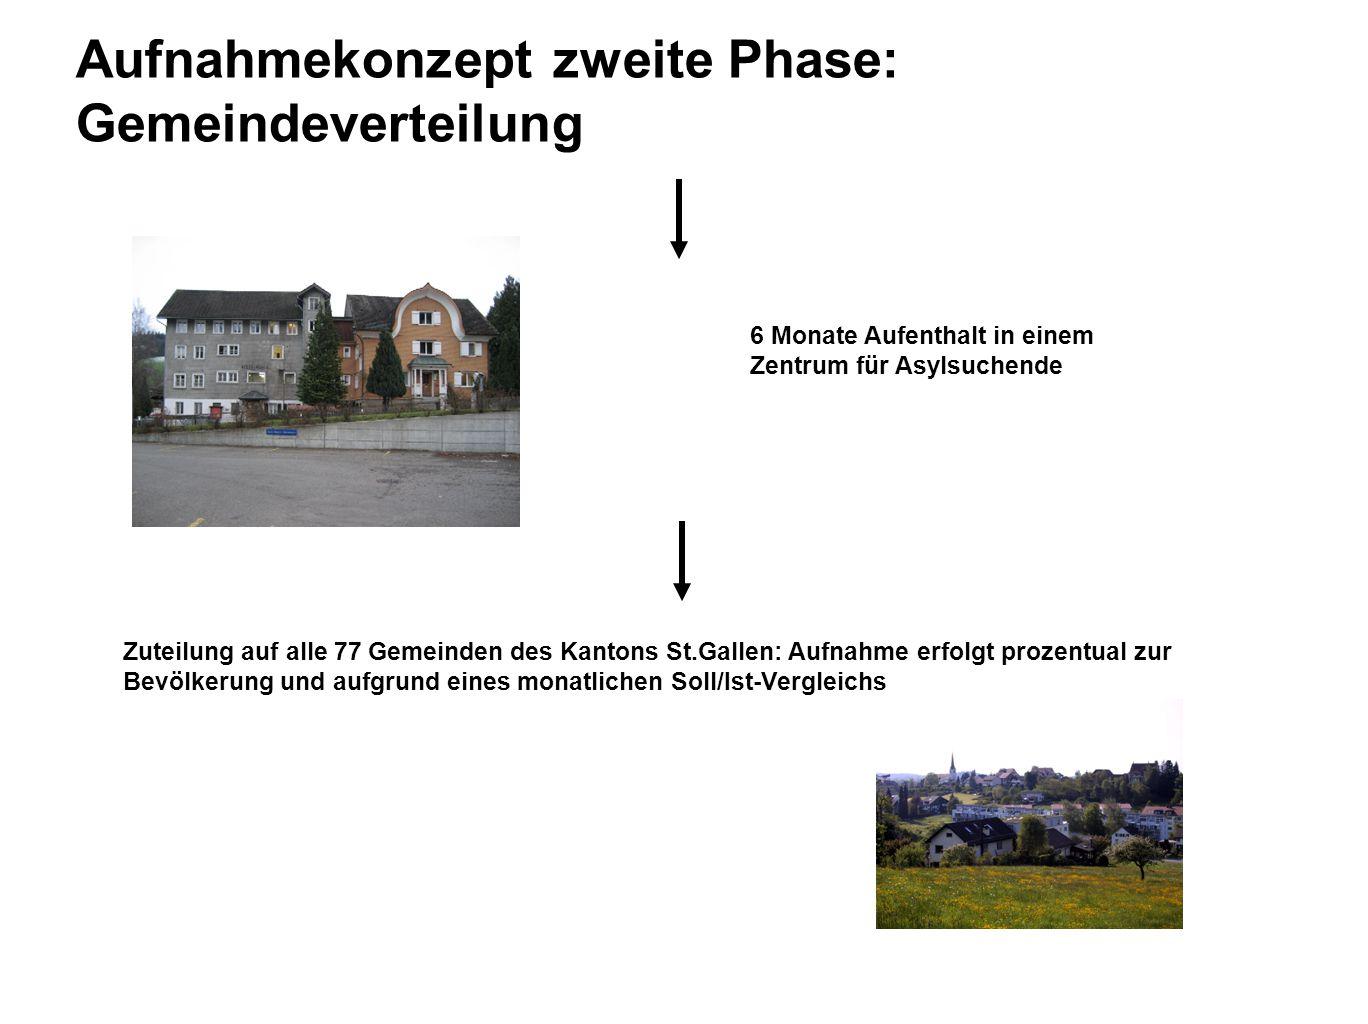 Aufnahmekonzept zweite Phase: Gemeindeverteilung